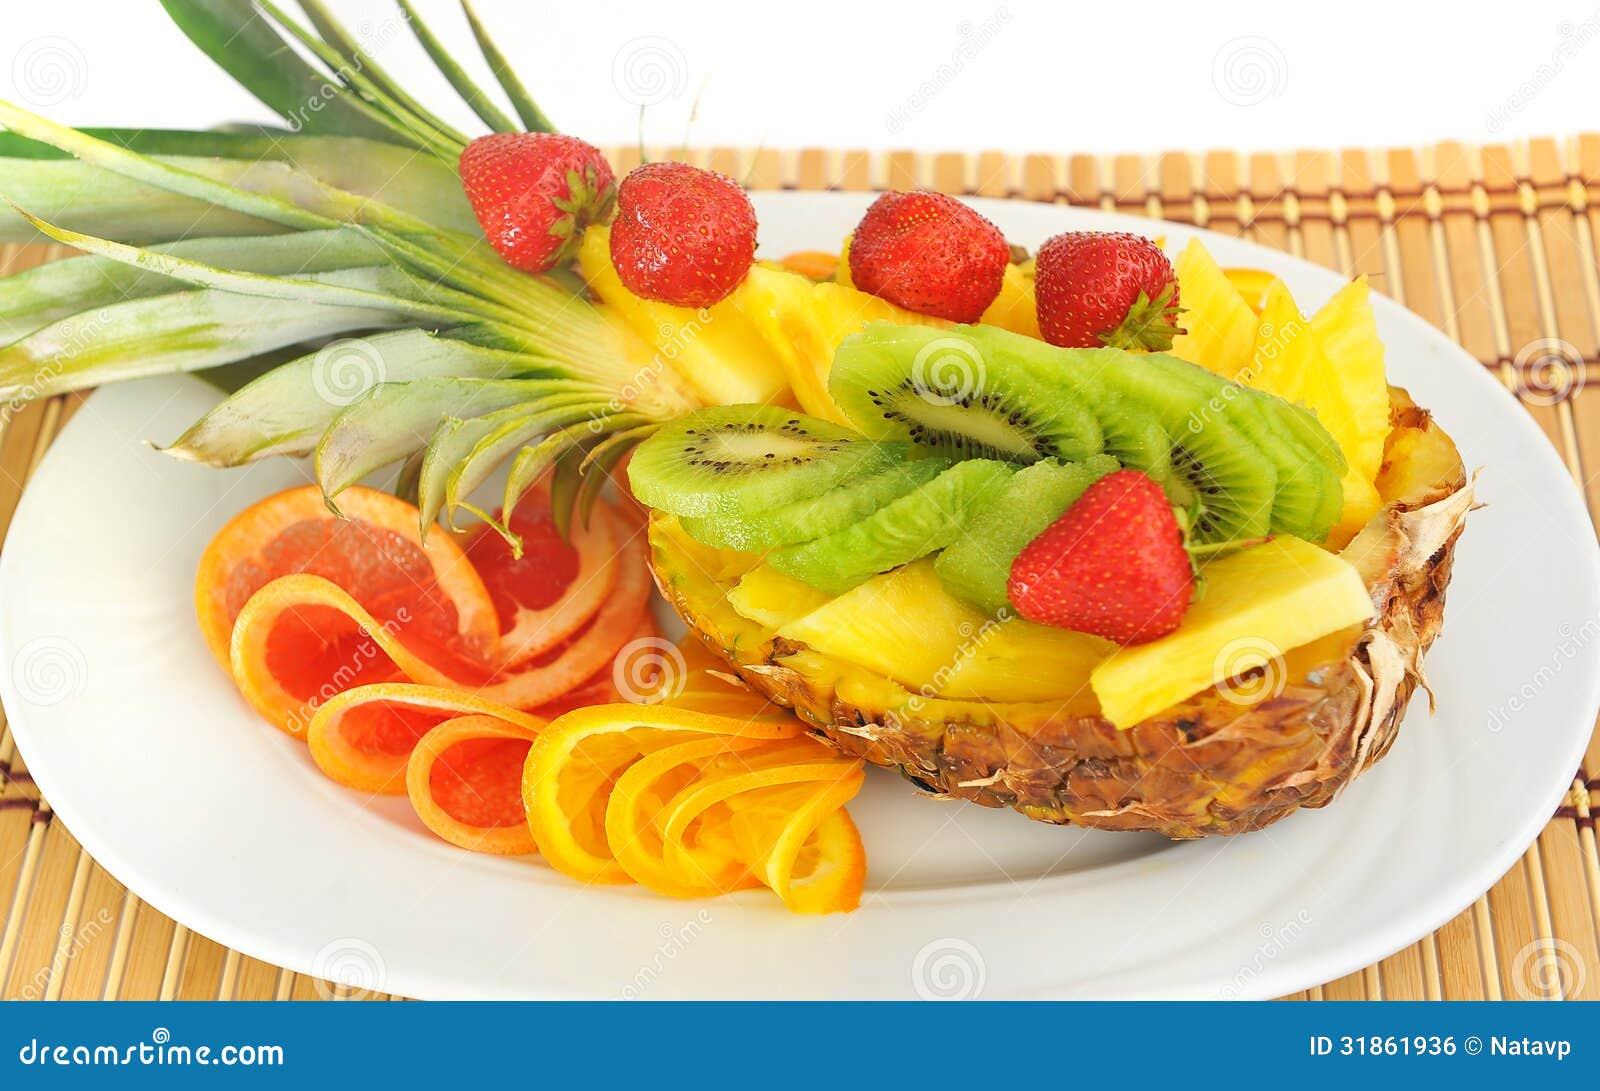 fruit frais ananas fraises kiwi pamplemousse orange image libre de droits image 31861936. Black Bedroom Furniture Sets. Home Design Ideas